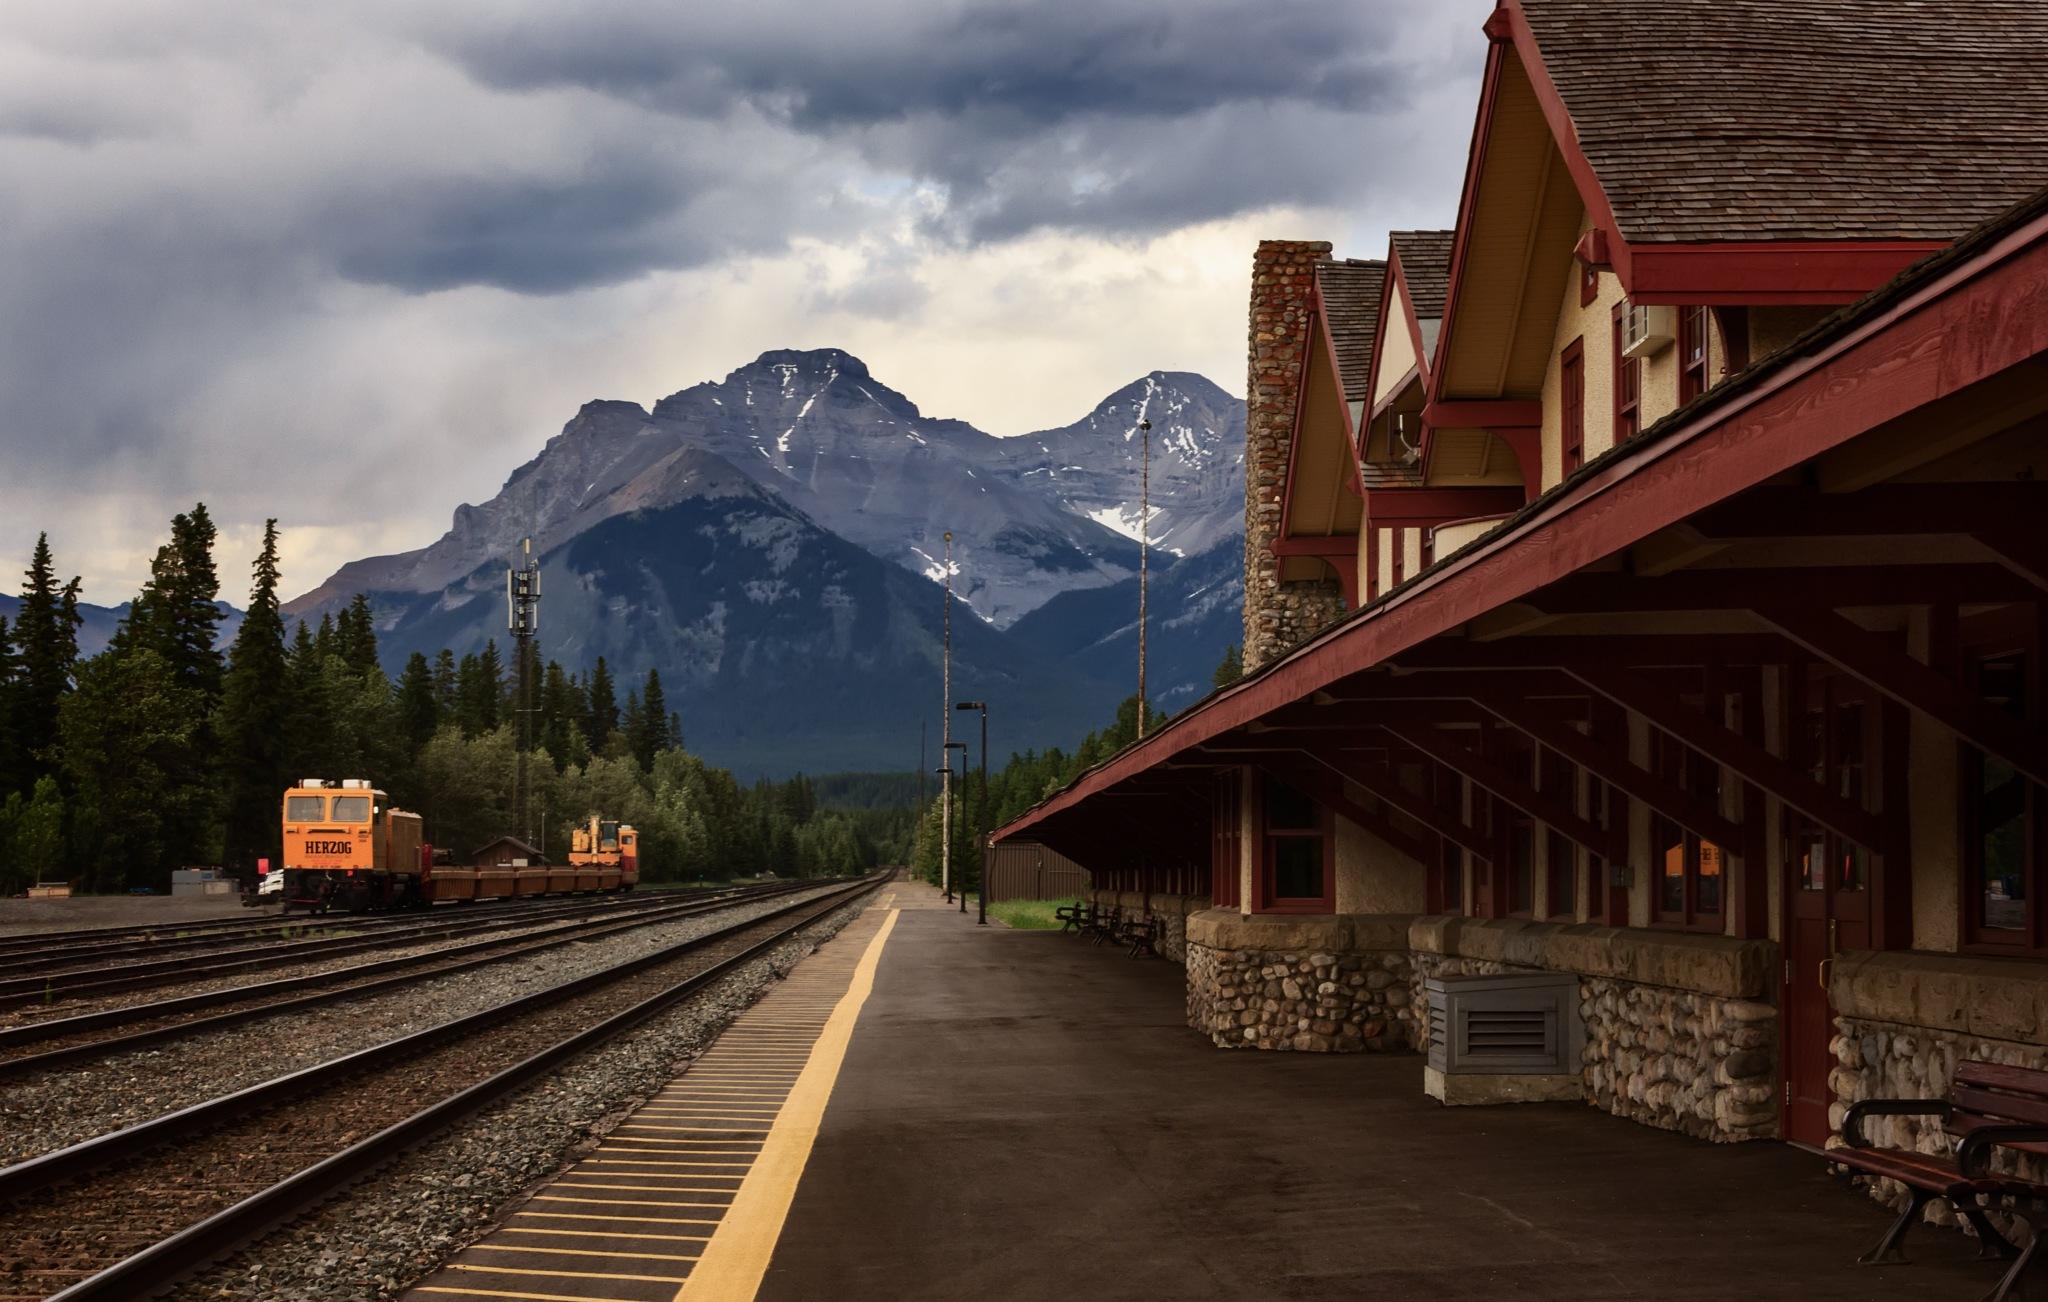 Banff Station by GaryCorken